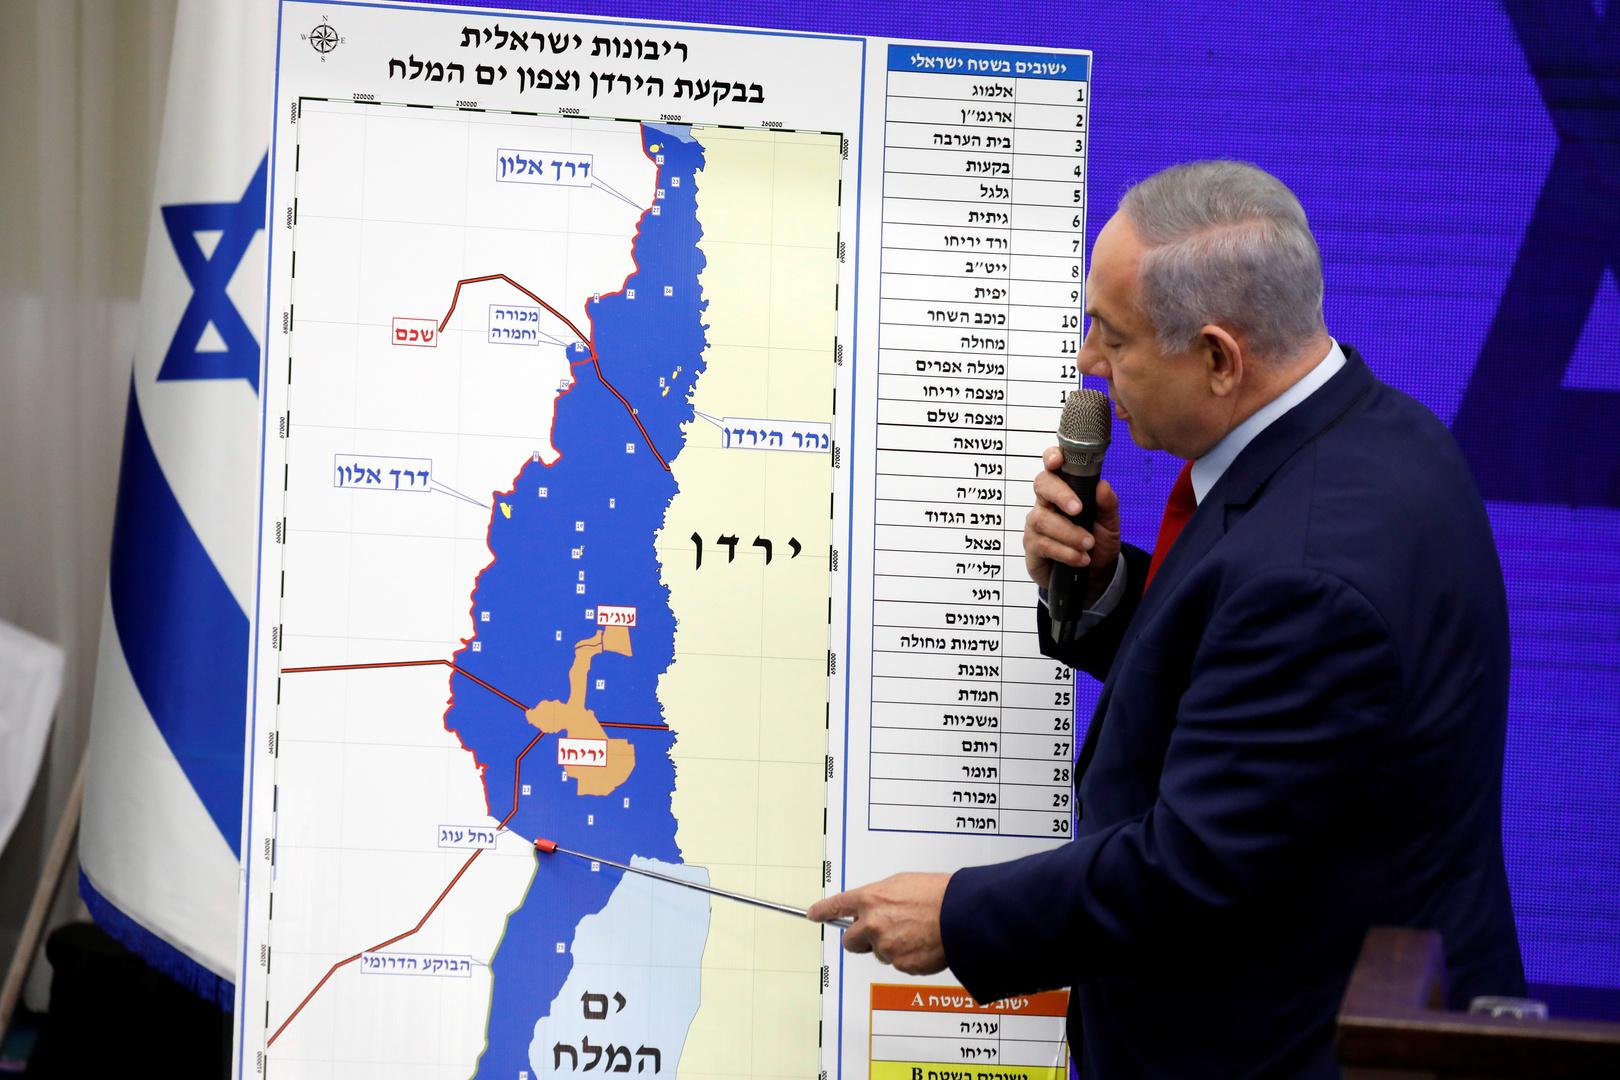 مسؤولون إسرائيليون كبار: عملية الضم الأولية لن تشمل غور الأردن